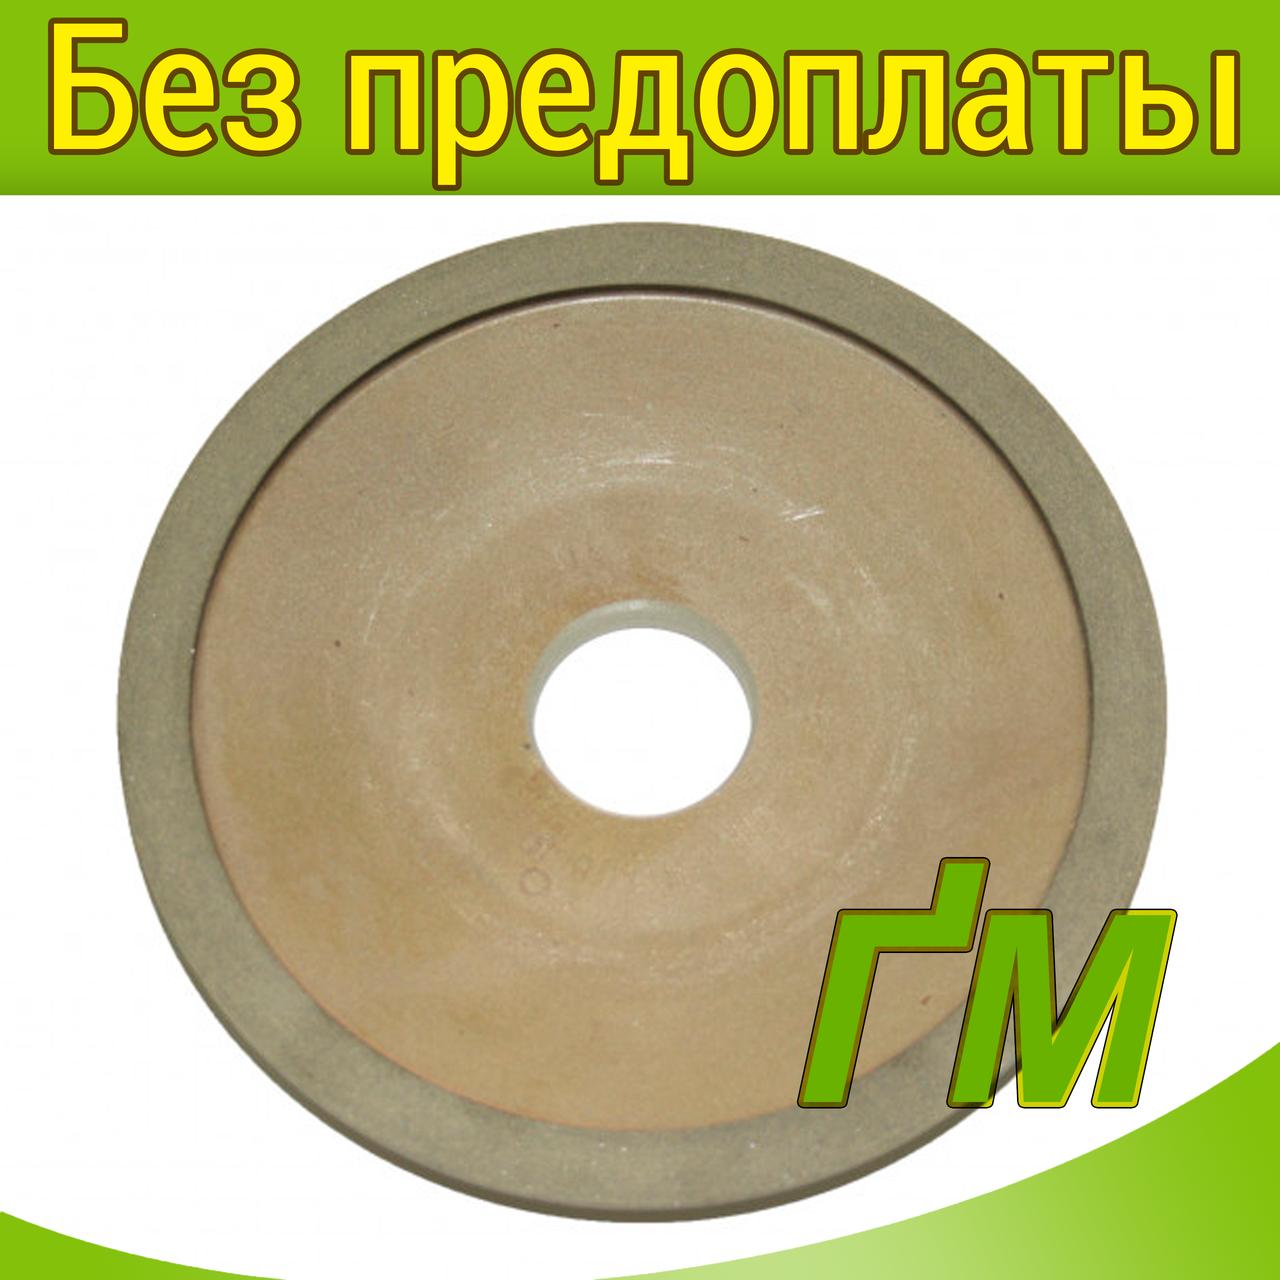 Круг алмазный тарельчатый конический 12A2-20 Ф 150х18х10х2х32 АС4 80/63 100% В2-01 39 карат